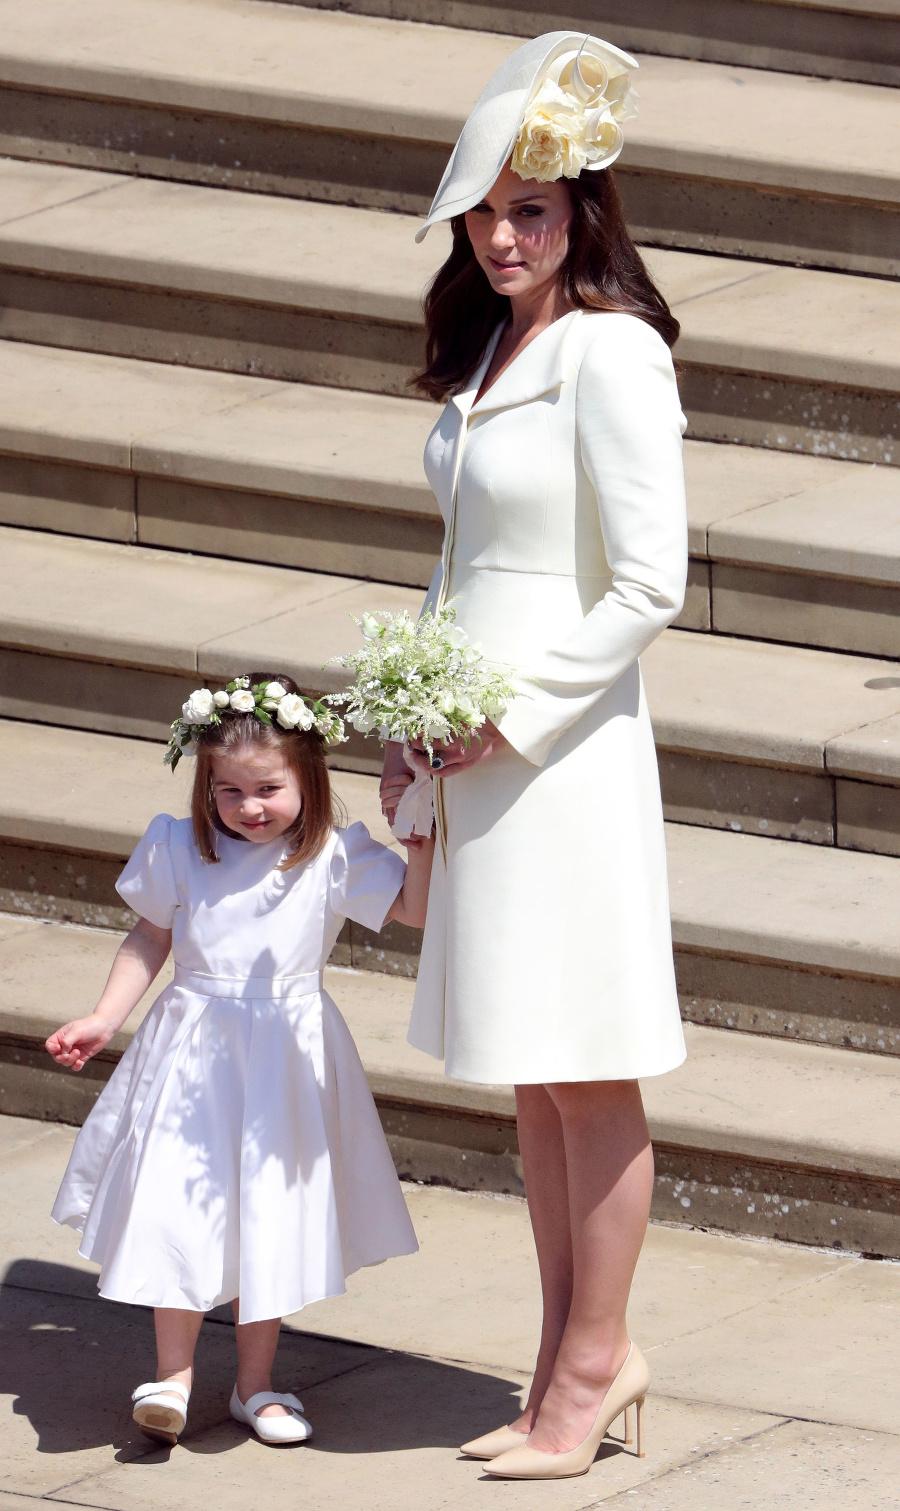 Vojvodkyňa Kate s princeznou